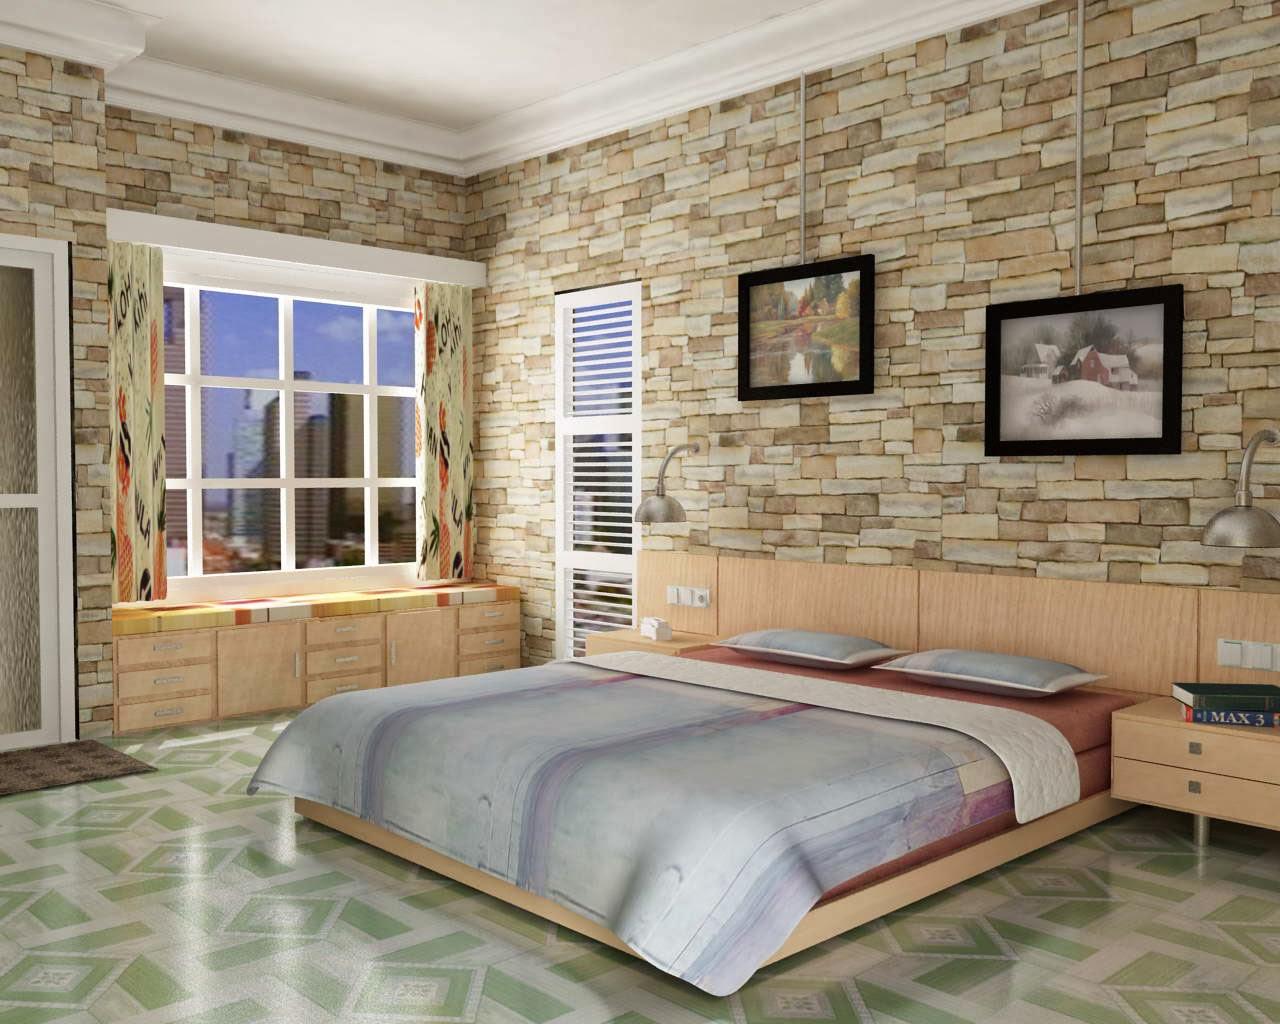 kamar tidur yang unik kini banyak diminati masyarakat karena kamar ...